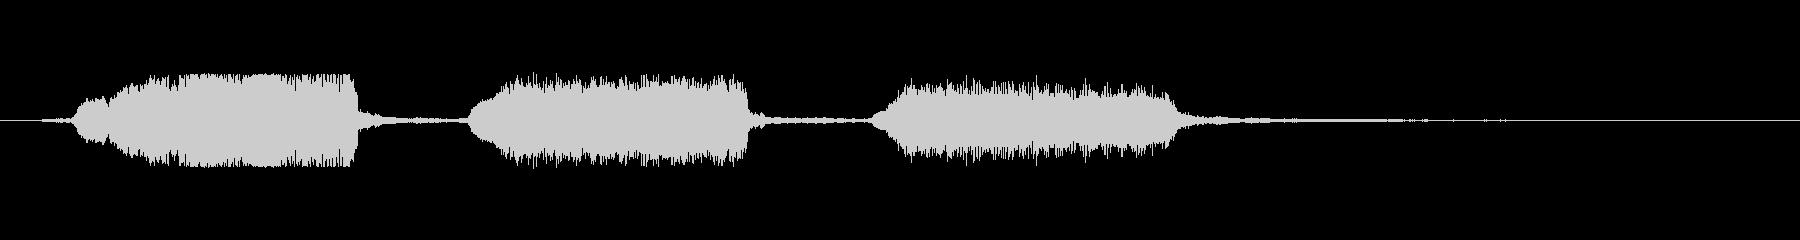 蒸気船ホイッスル:EXT:スリーロ...の未再生の波形